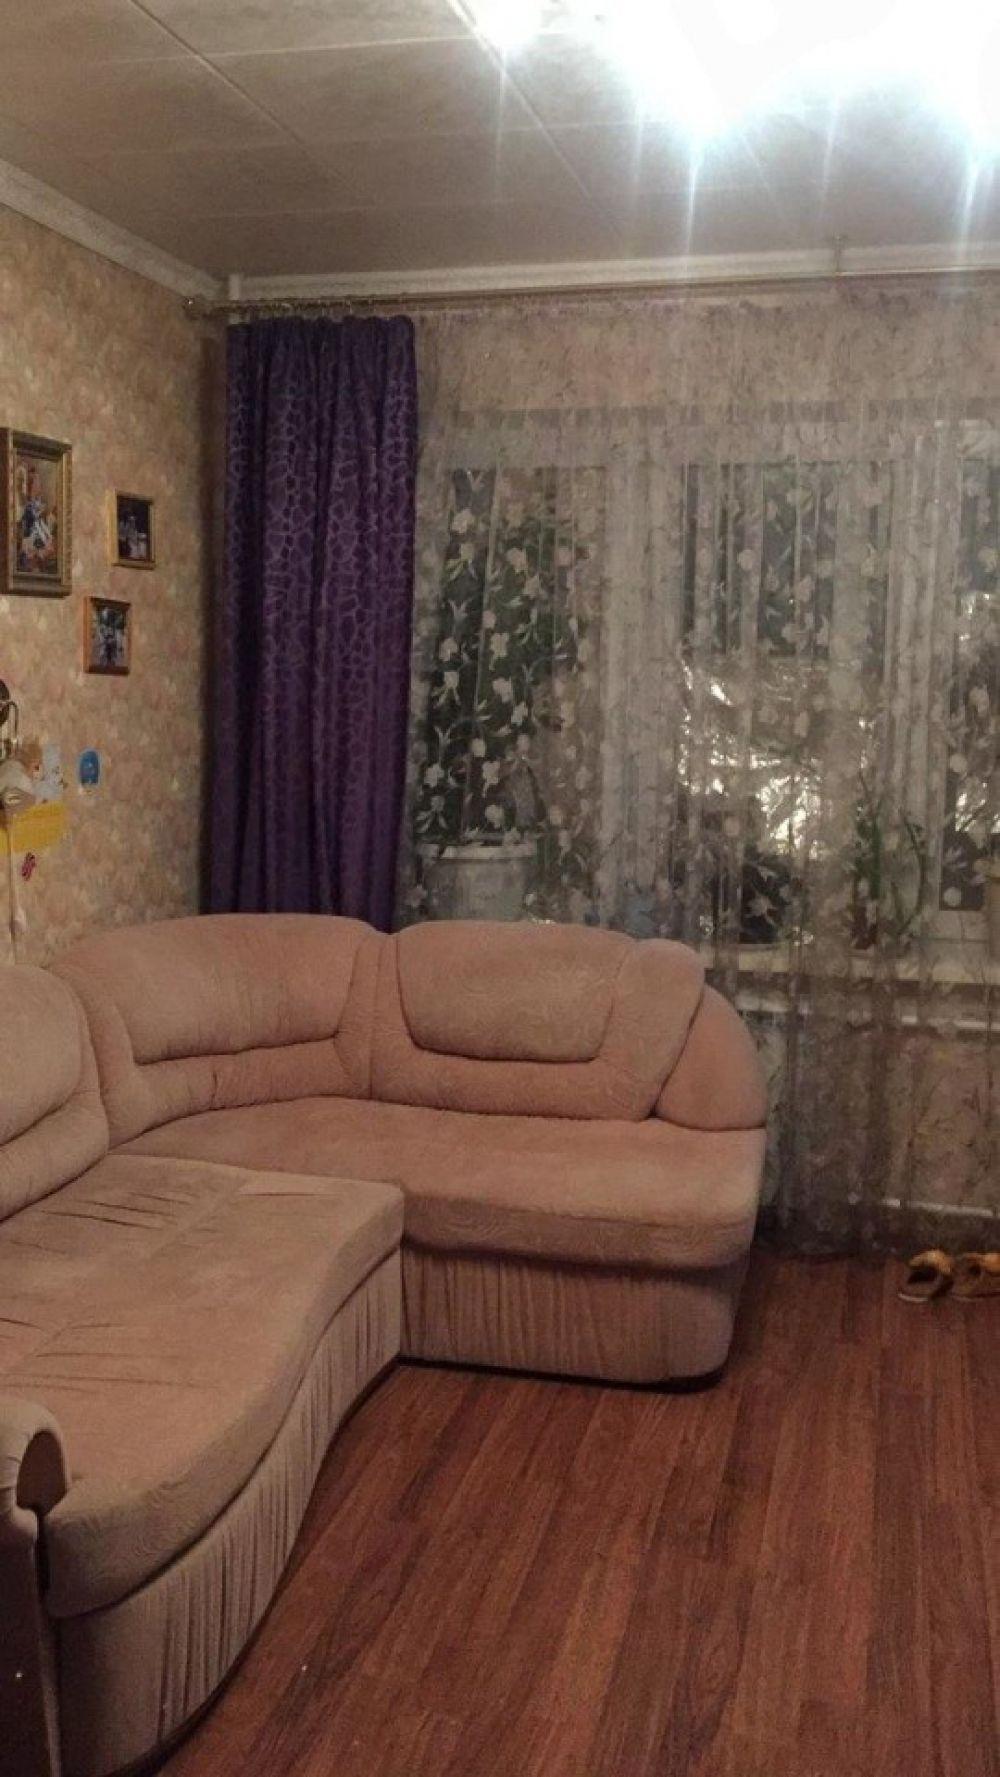 2-к квартира, 60 м2, 11/14 эт. Щёлково, микрорайон Финский, 9к2, фото 14